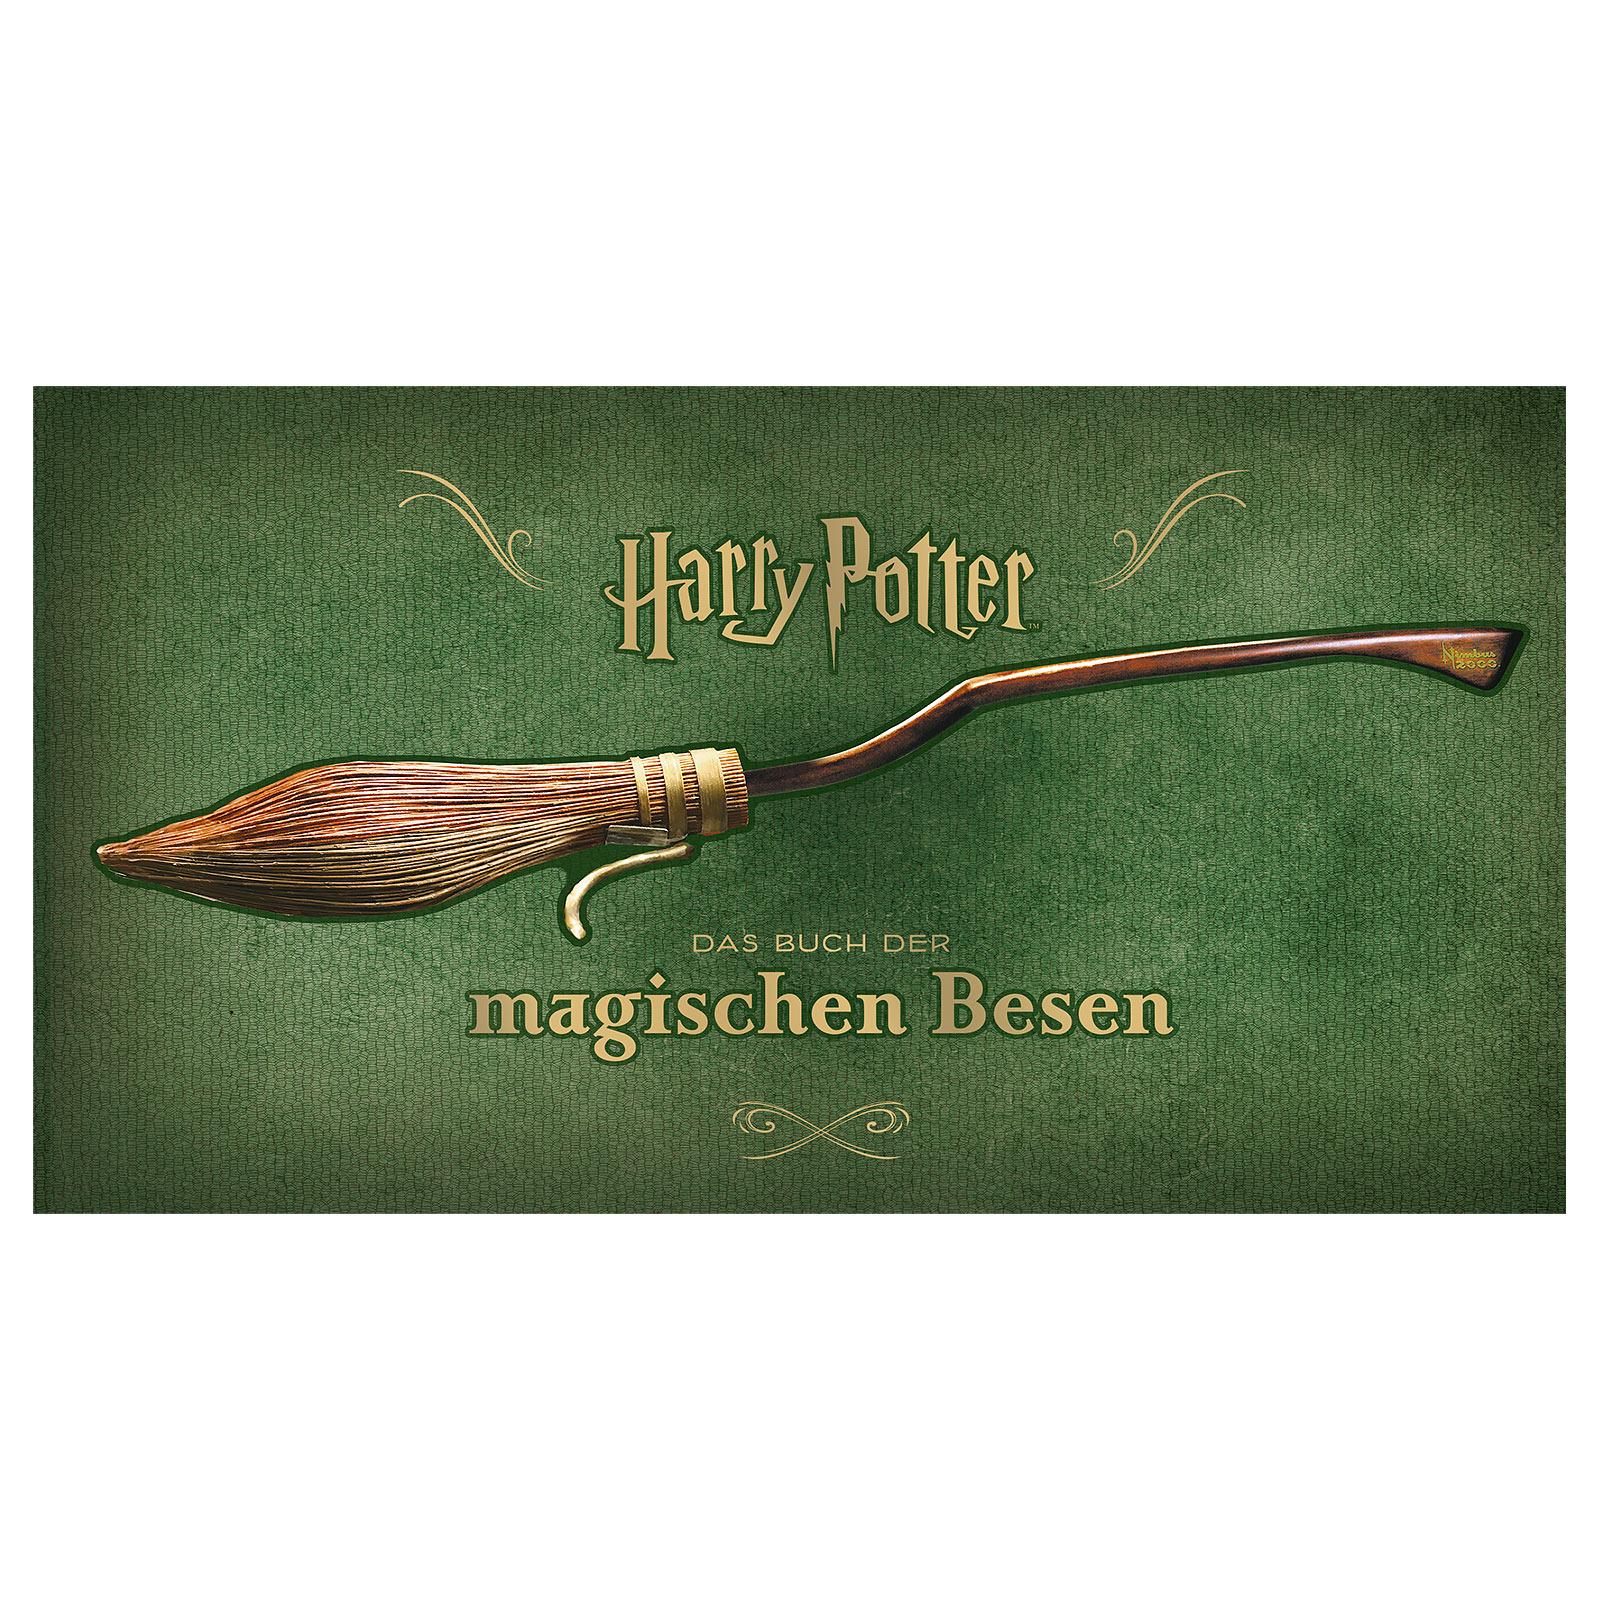 Harry Potter - Das Buch der magischen Besen